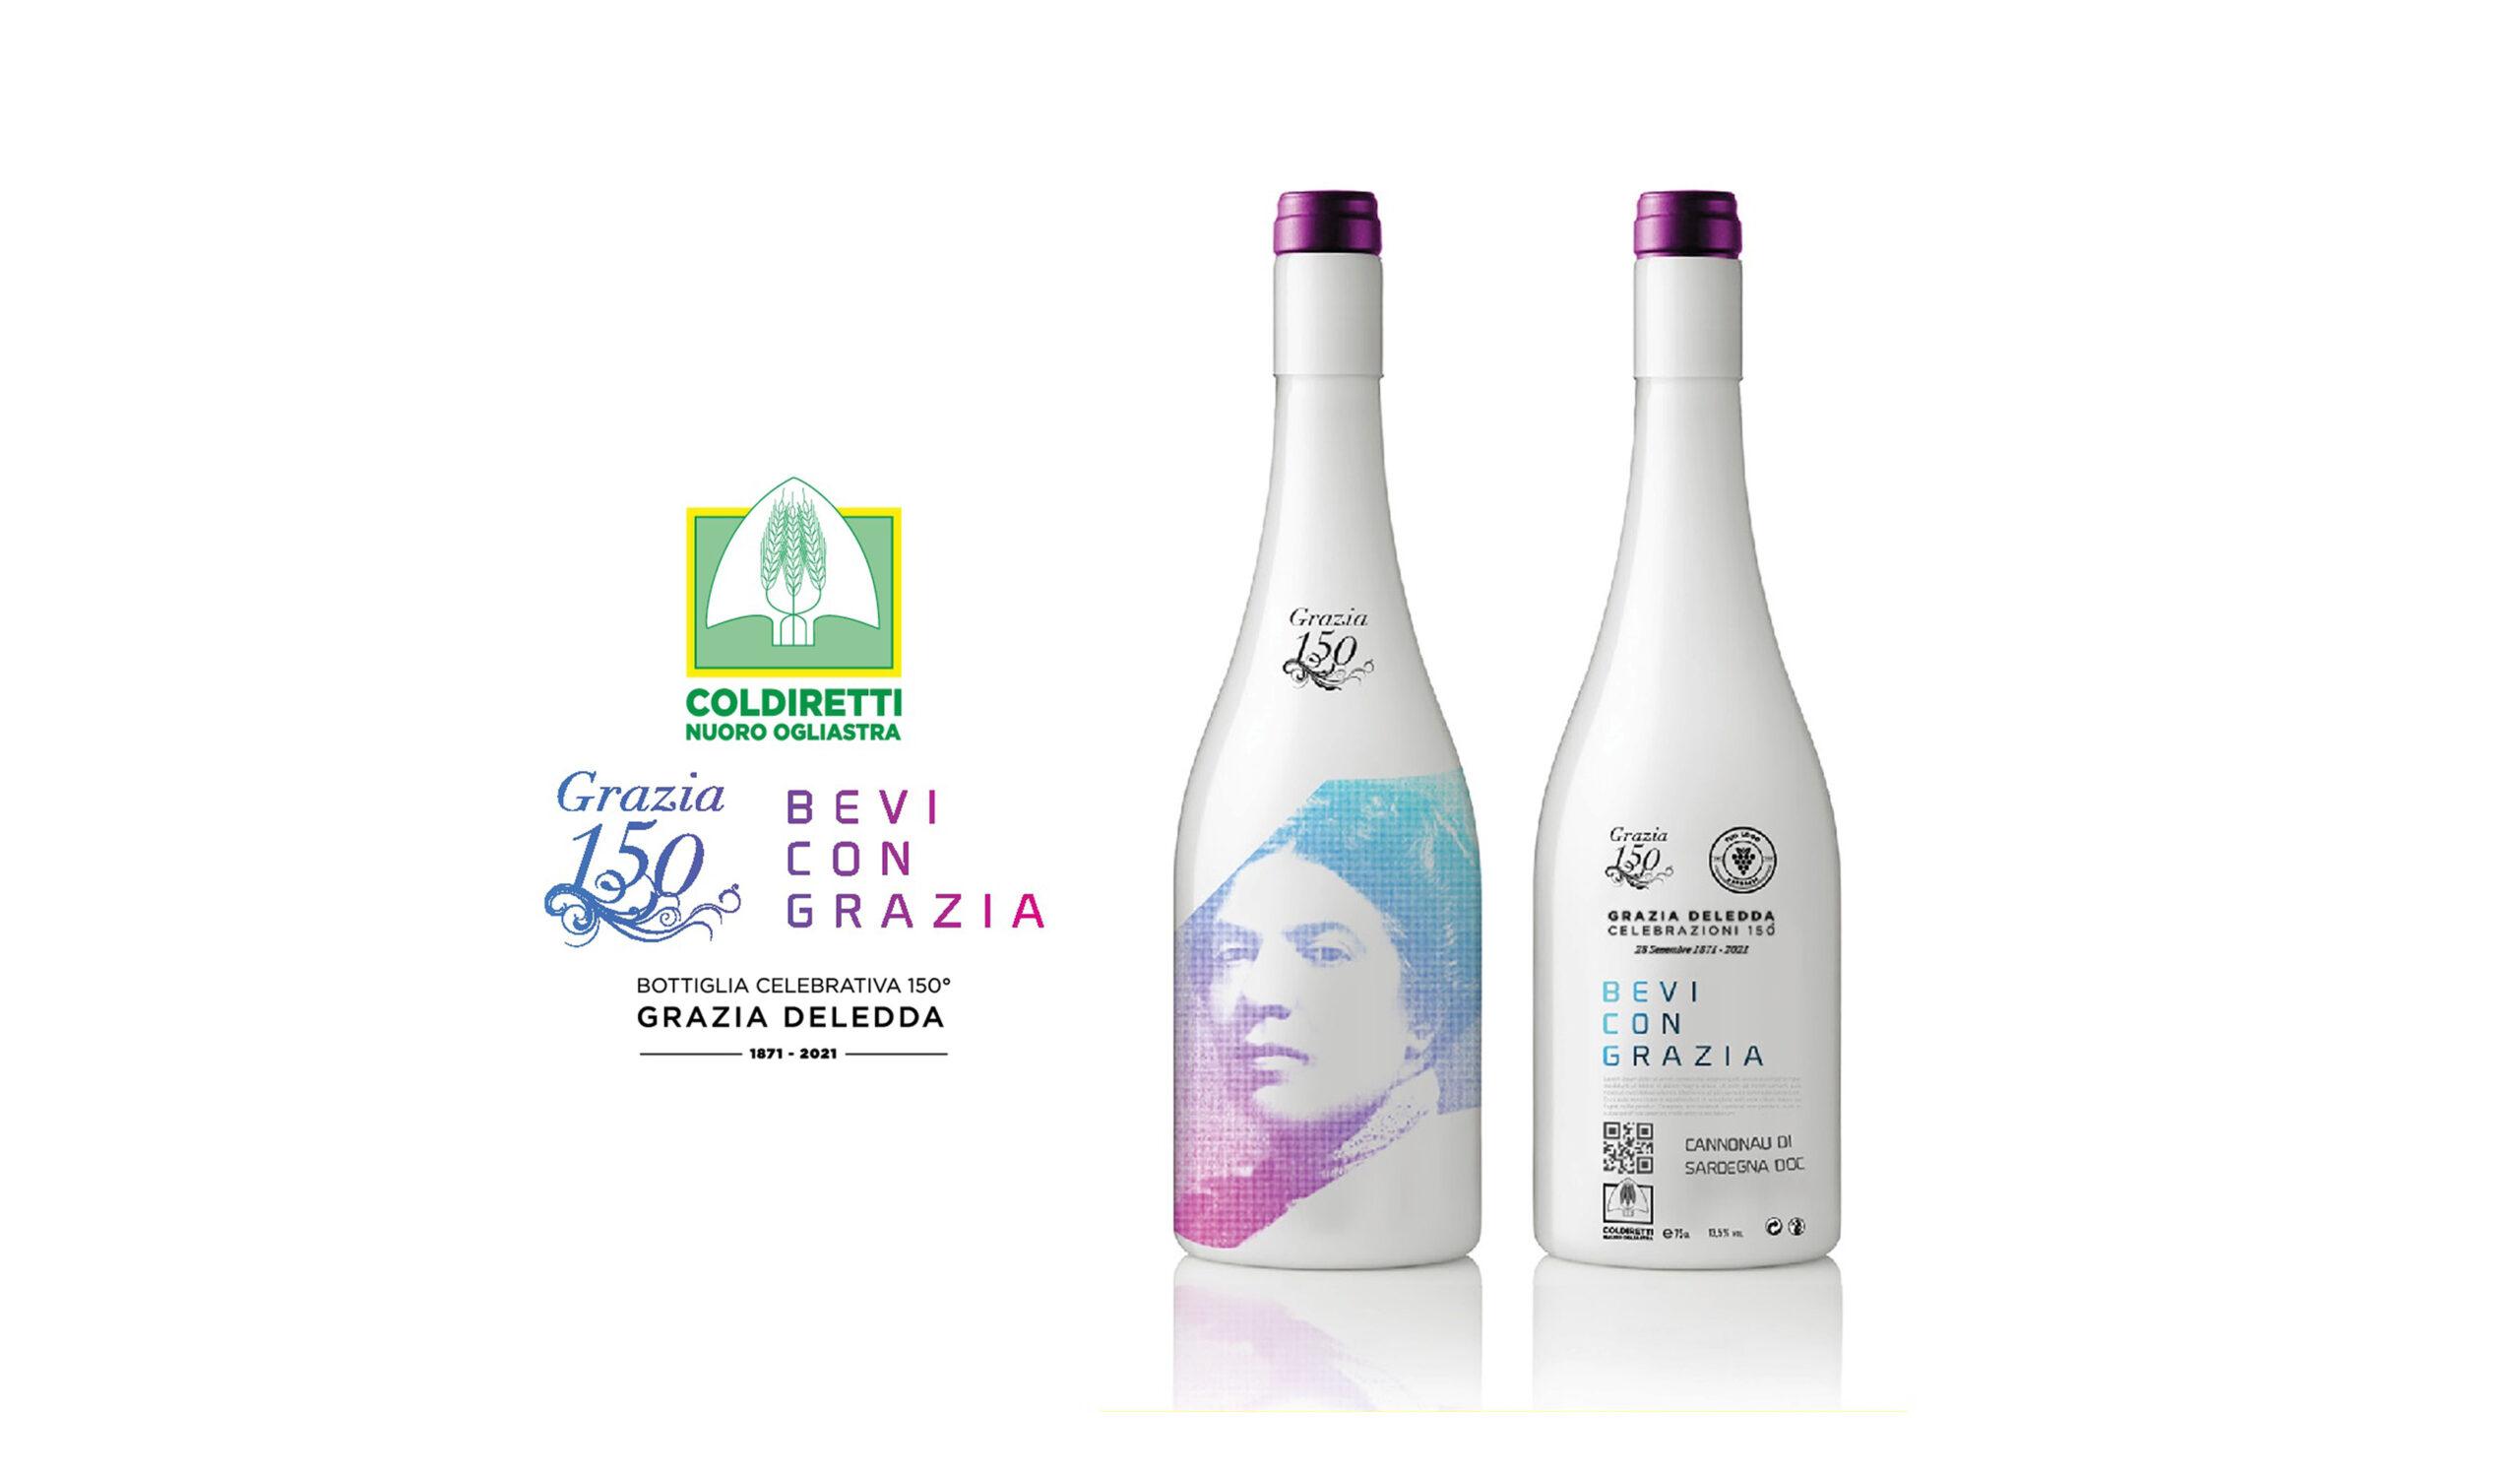 Bottiglia vino dedicata a Grazia Deledda